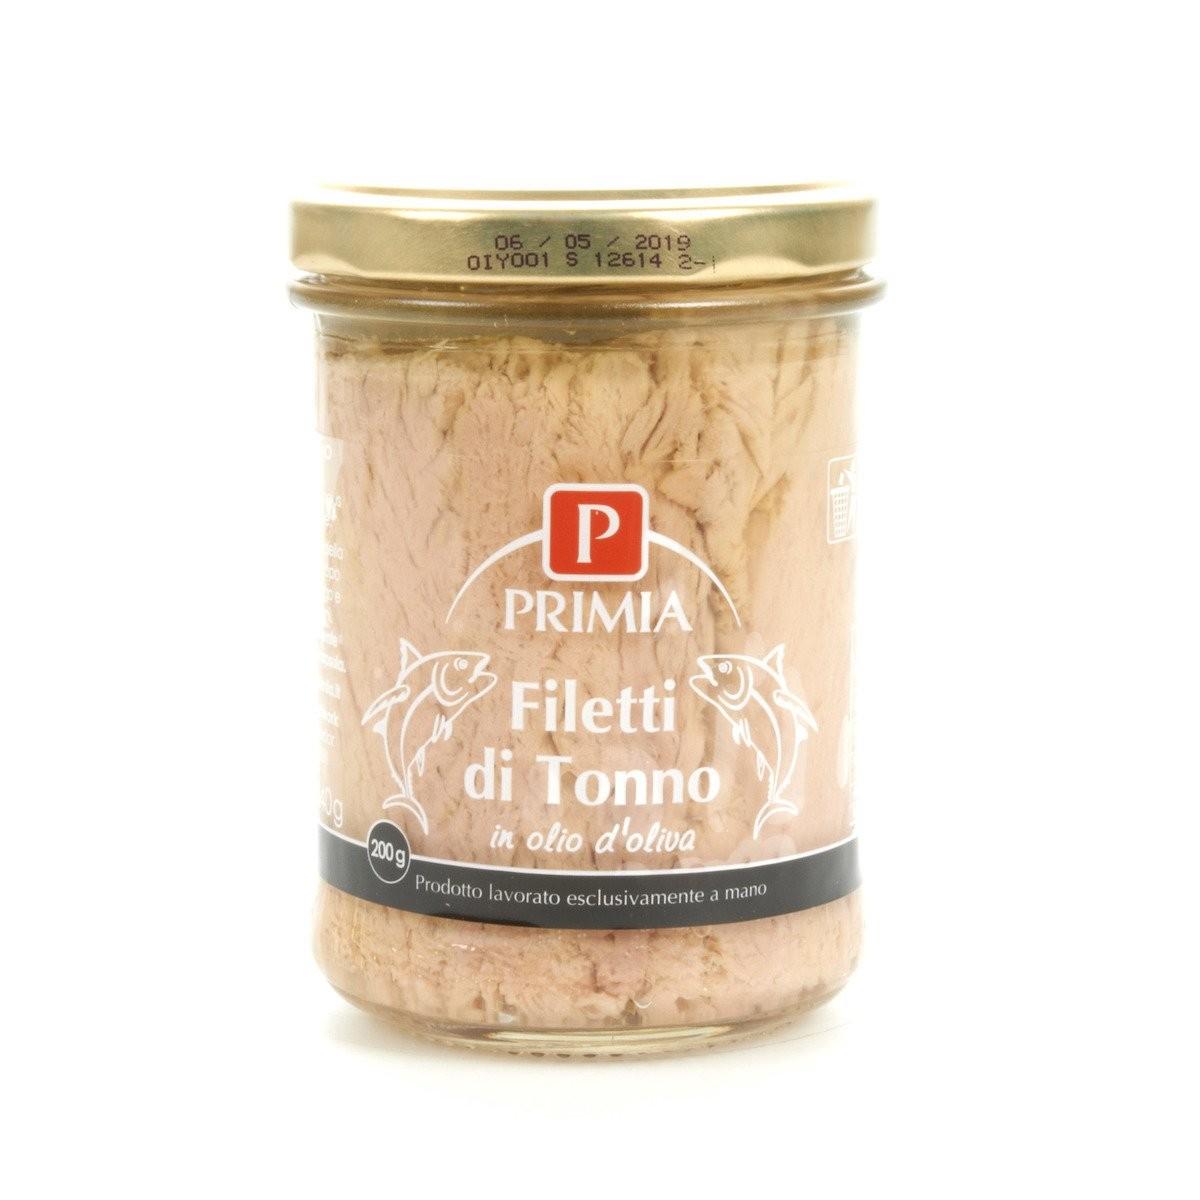 Filetti di tonno in olio d'oliva